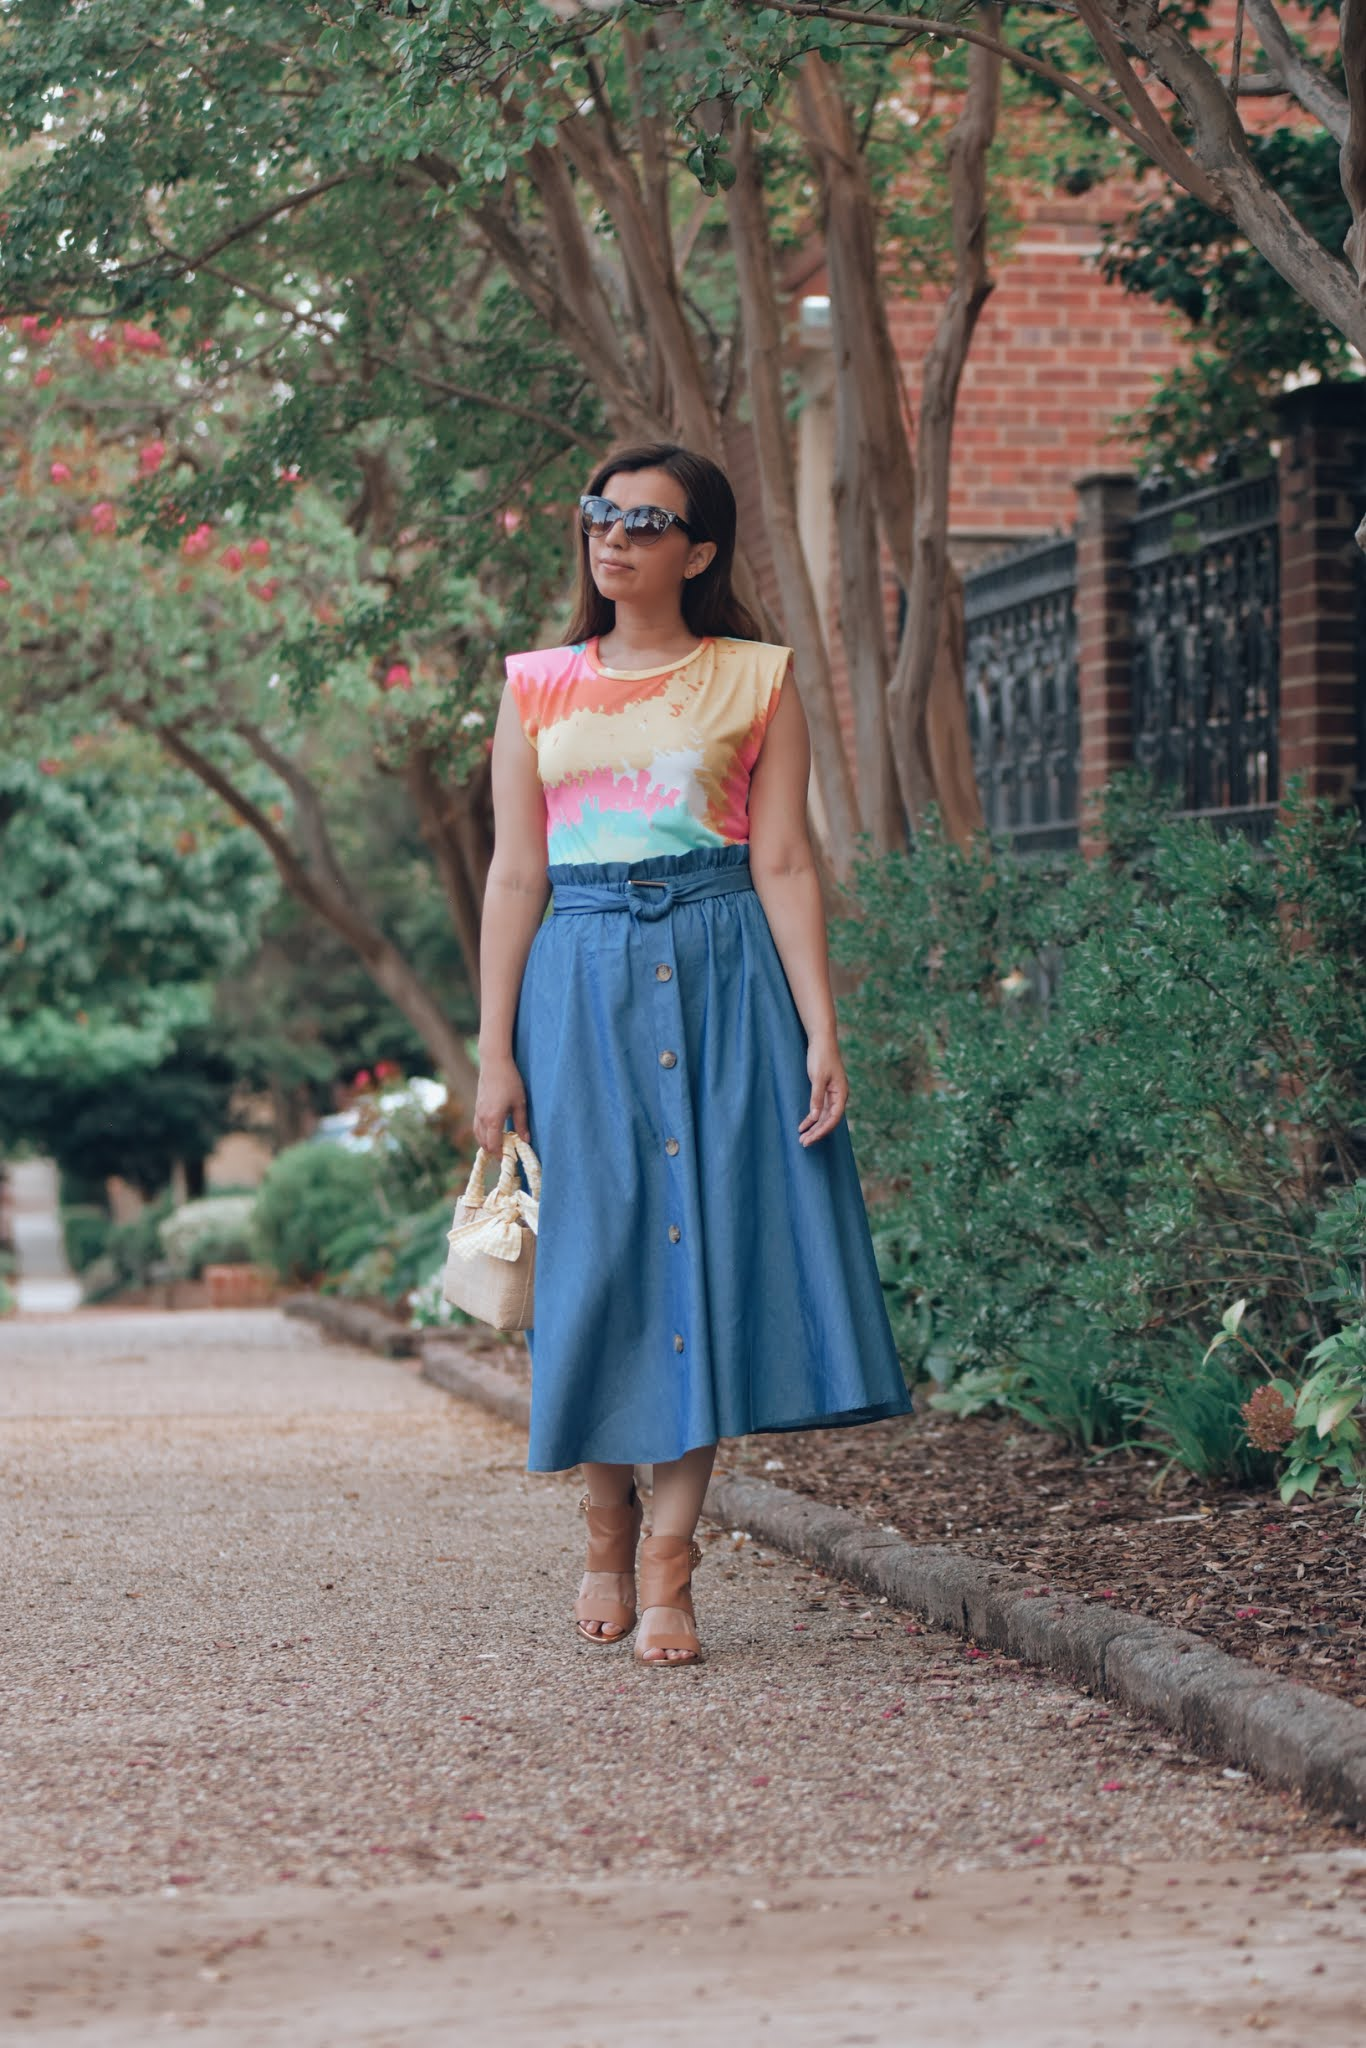 como-combinar-una falda-de mezclilla-mariestilo-como crear outfits desde cero-youtuber-outfits para mujeres de 30-moda para mujeres de 50